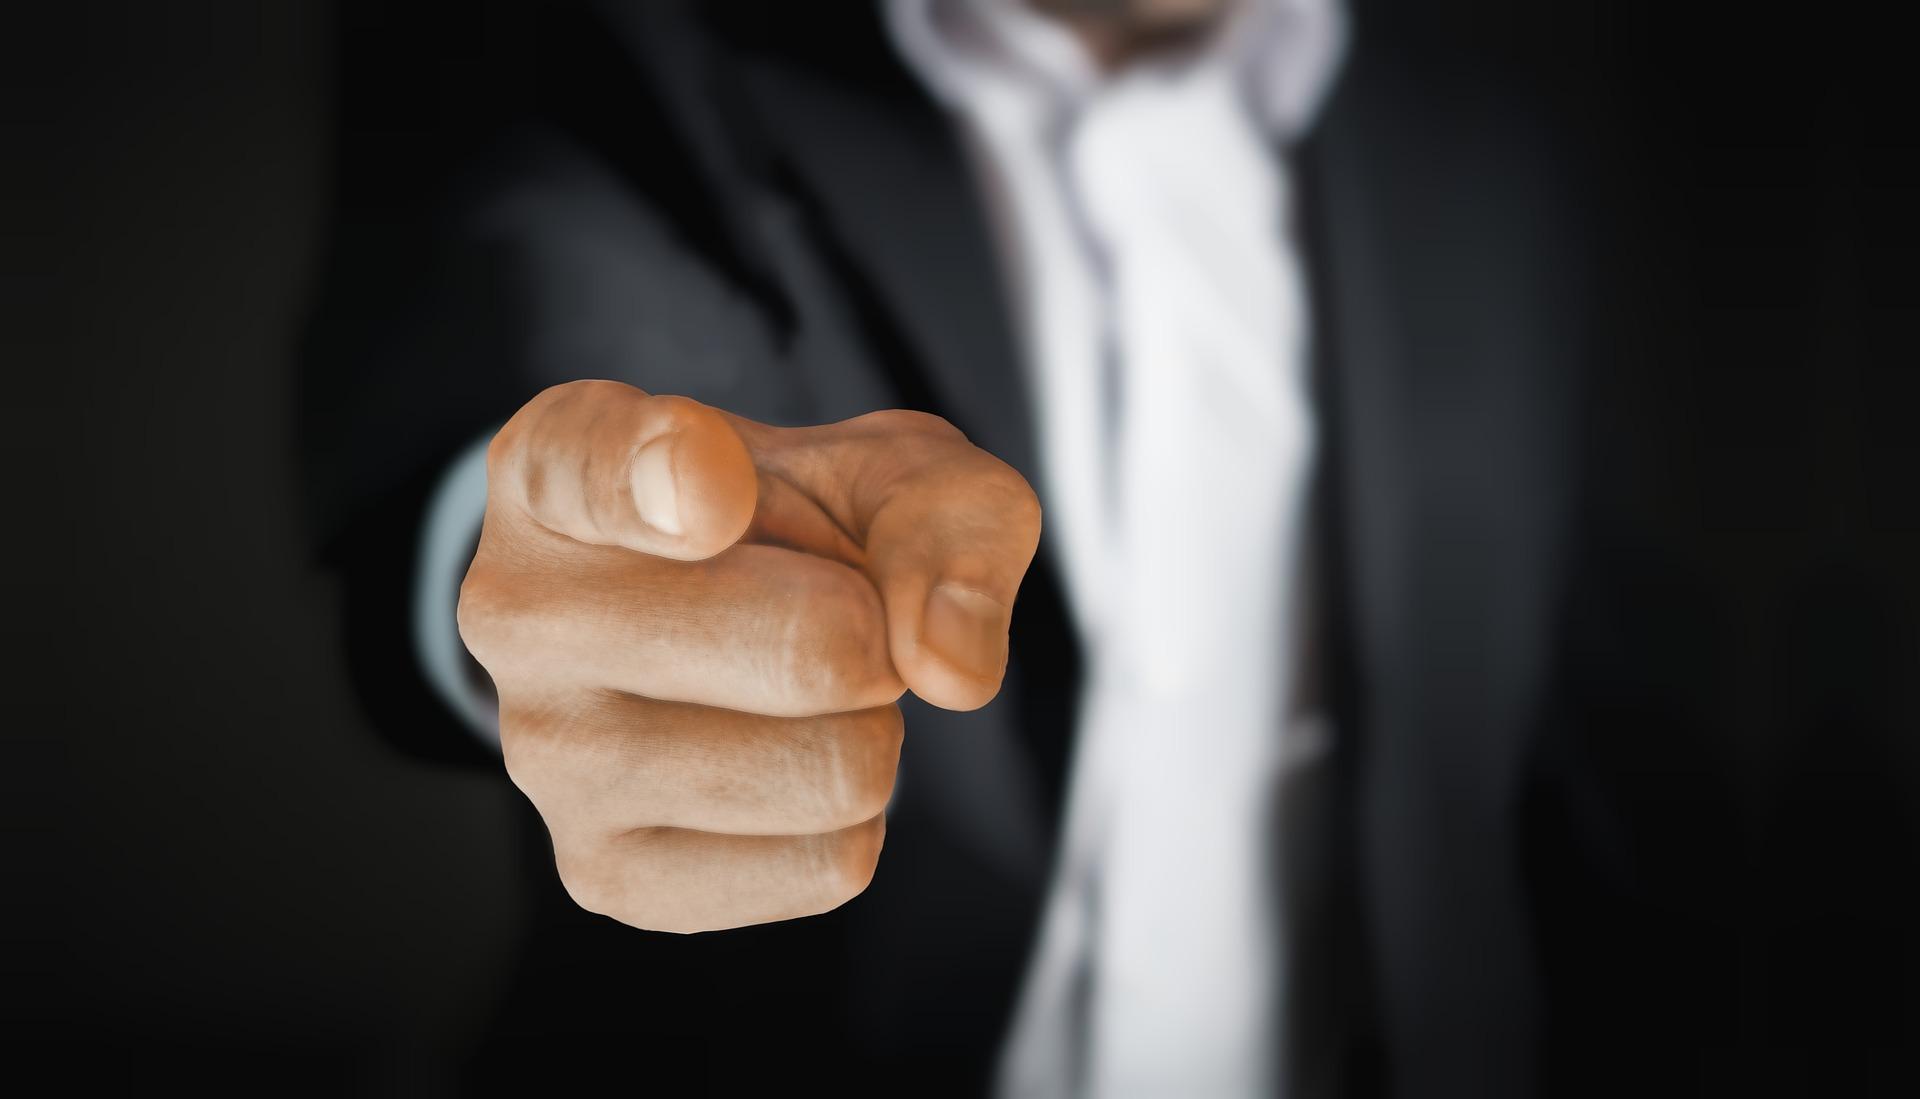 Izrečena kazna zbog sukoba interesa službenika za zaštitu podataka